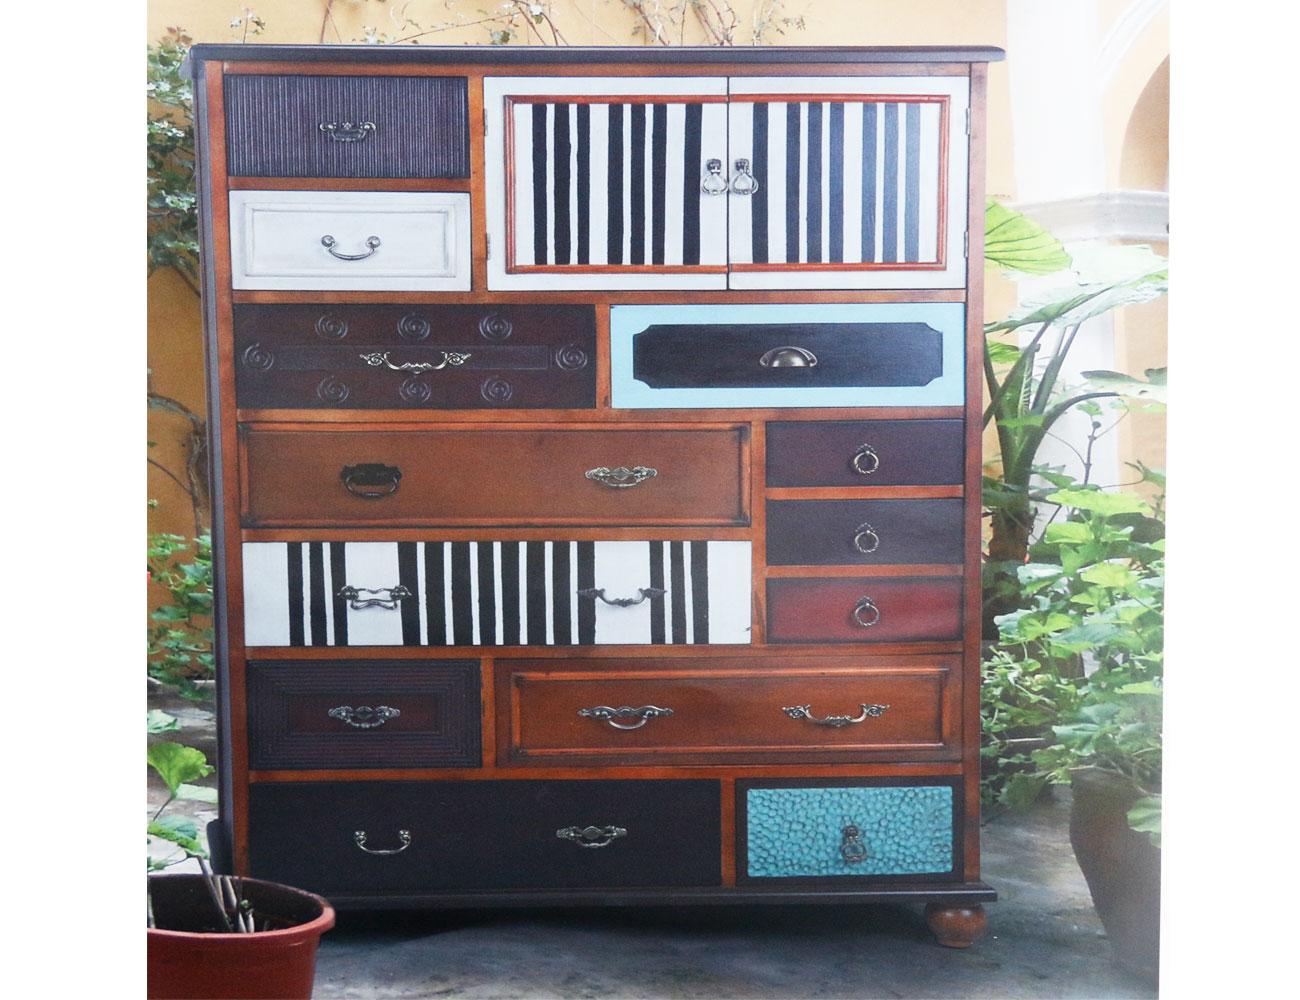 Mueble alto de dise o para sal n con estilo vintage 17274 for Muebles de salon estilo vintage